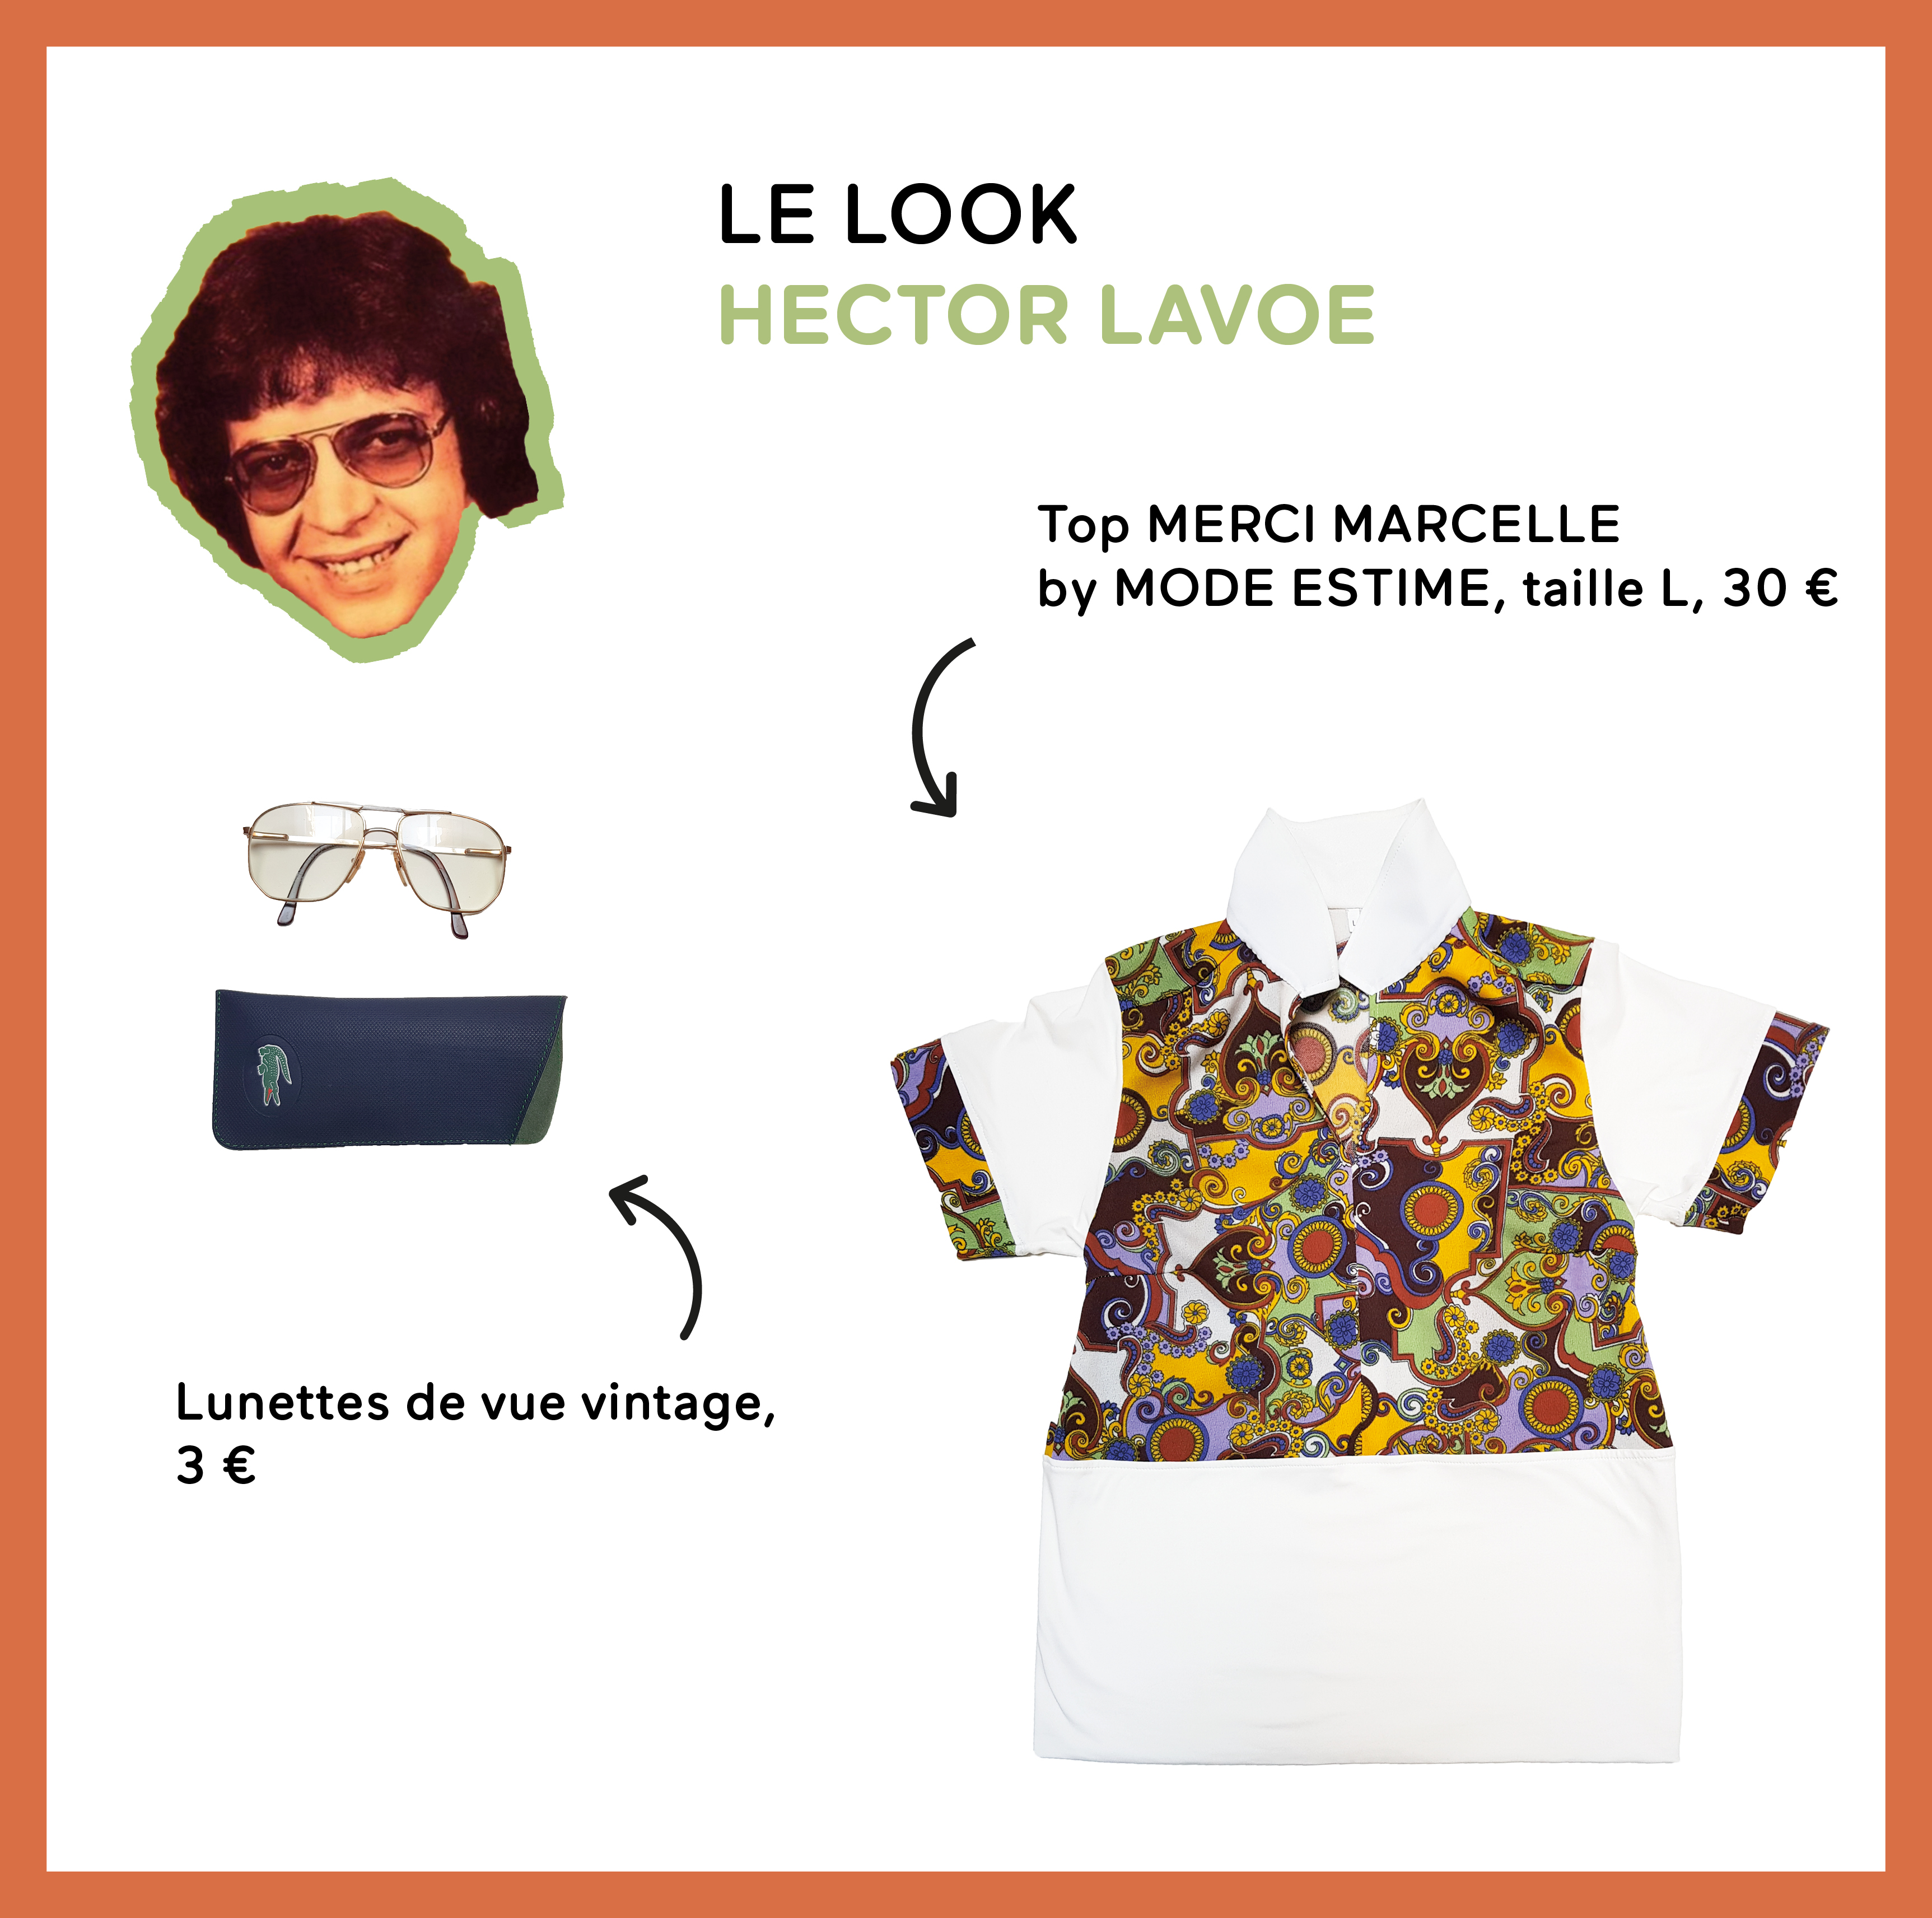 Le look Hector Lavoe